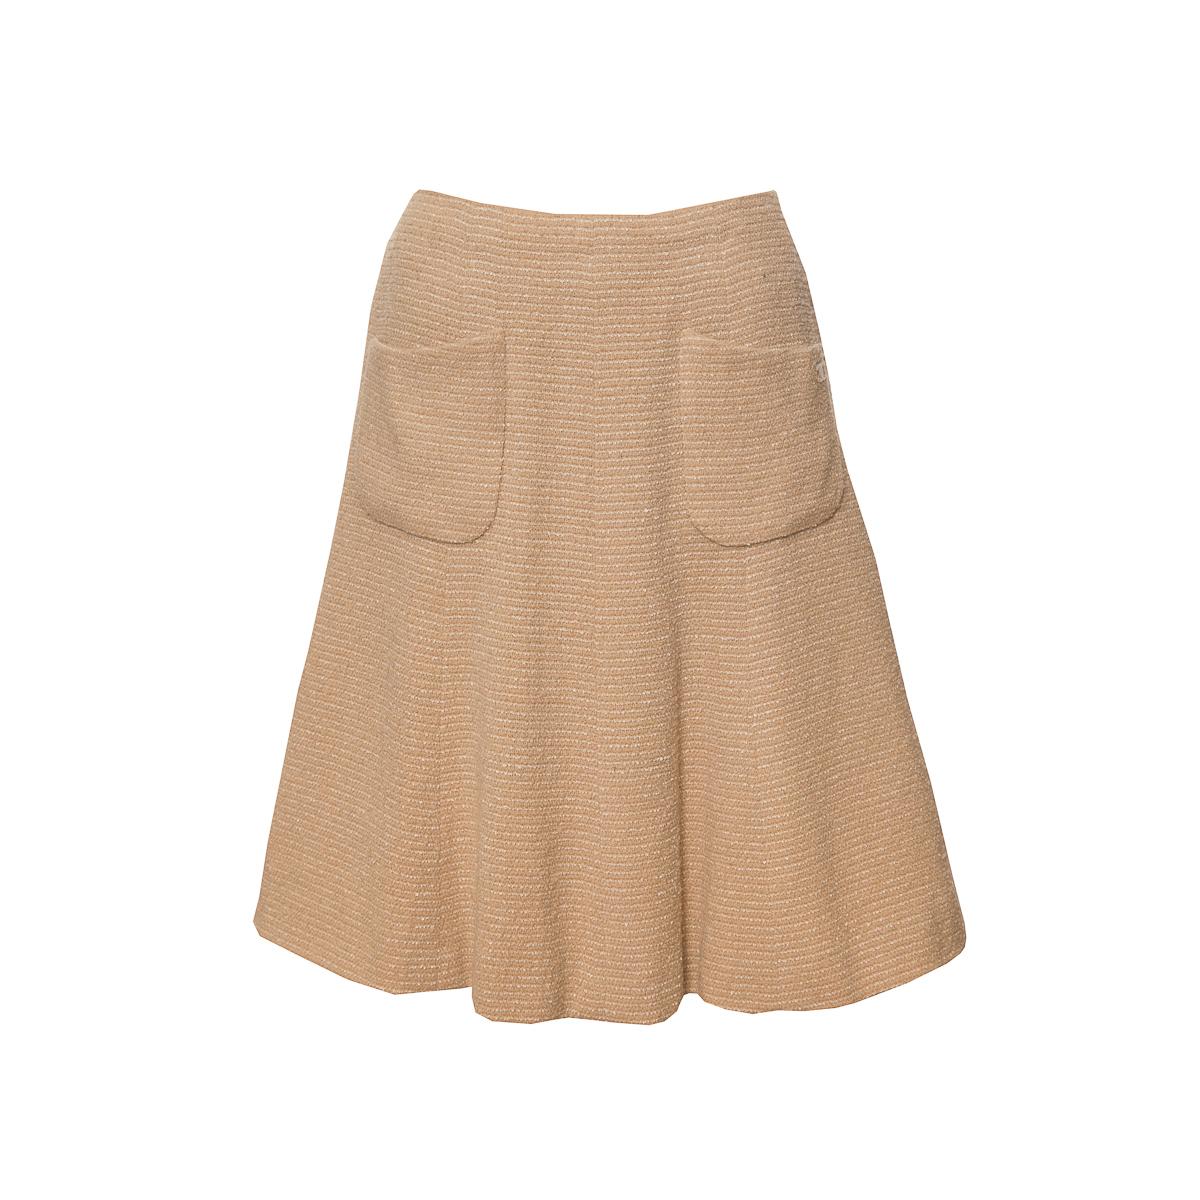 Элегантная расклешенная юбка из твида песочного цвета от Chanel, 36 размер.